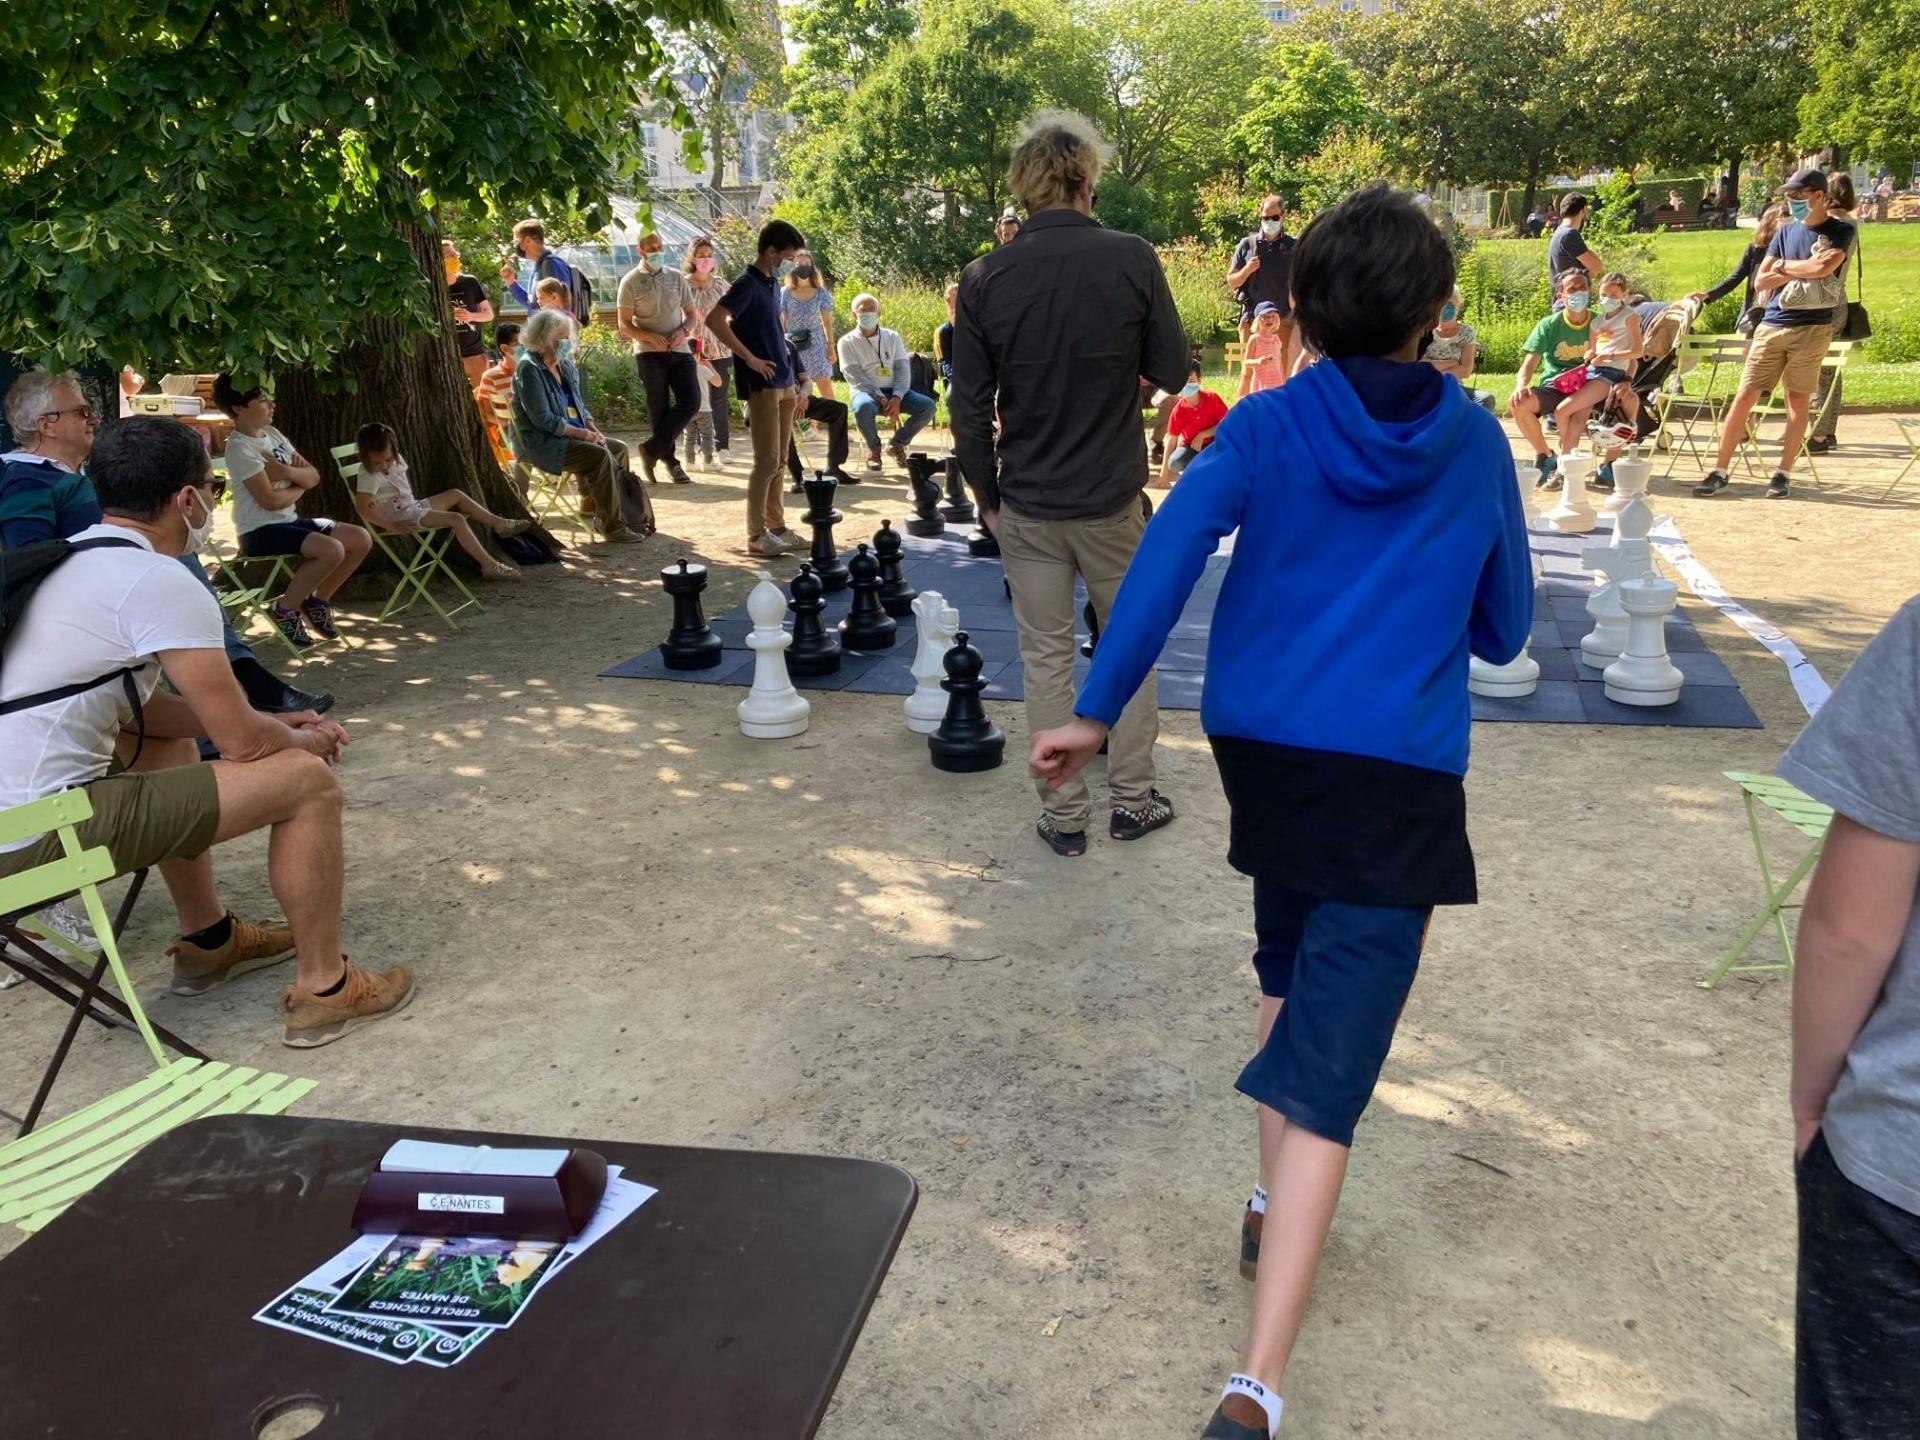 Chess and run